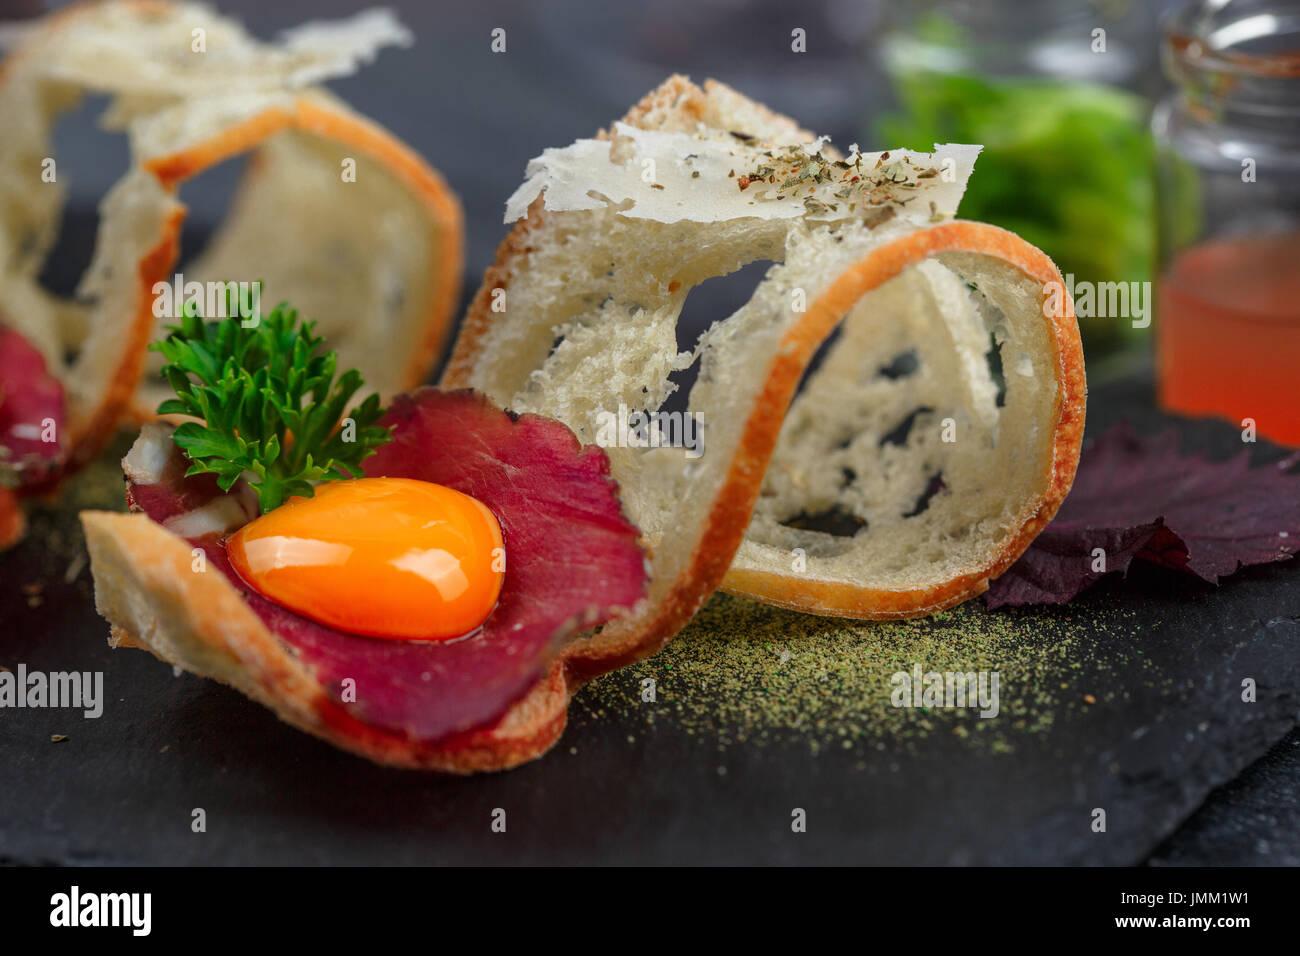 Geheilt von Fleisch auf knuspriges Brot mit Eigelb und Parmegano Käse, Nahaufnahme, selektiven Fokus Stockbild